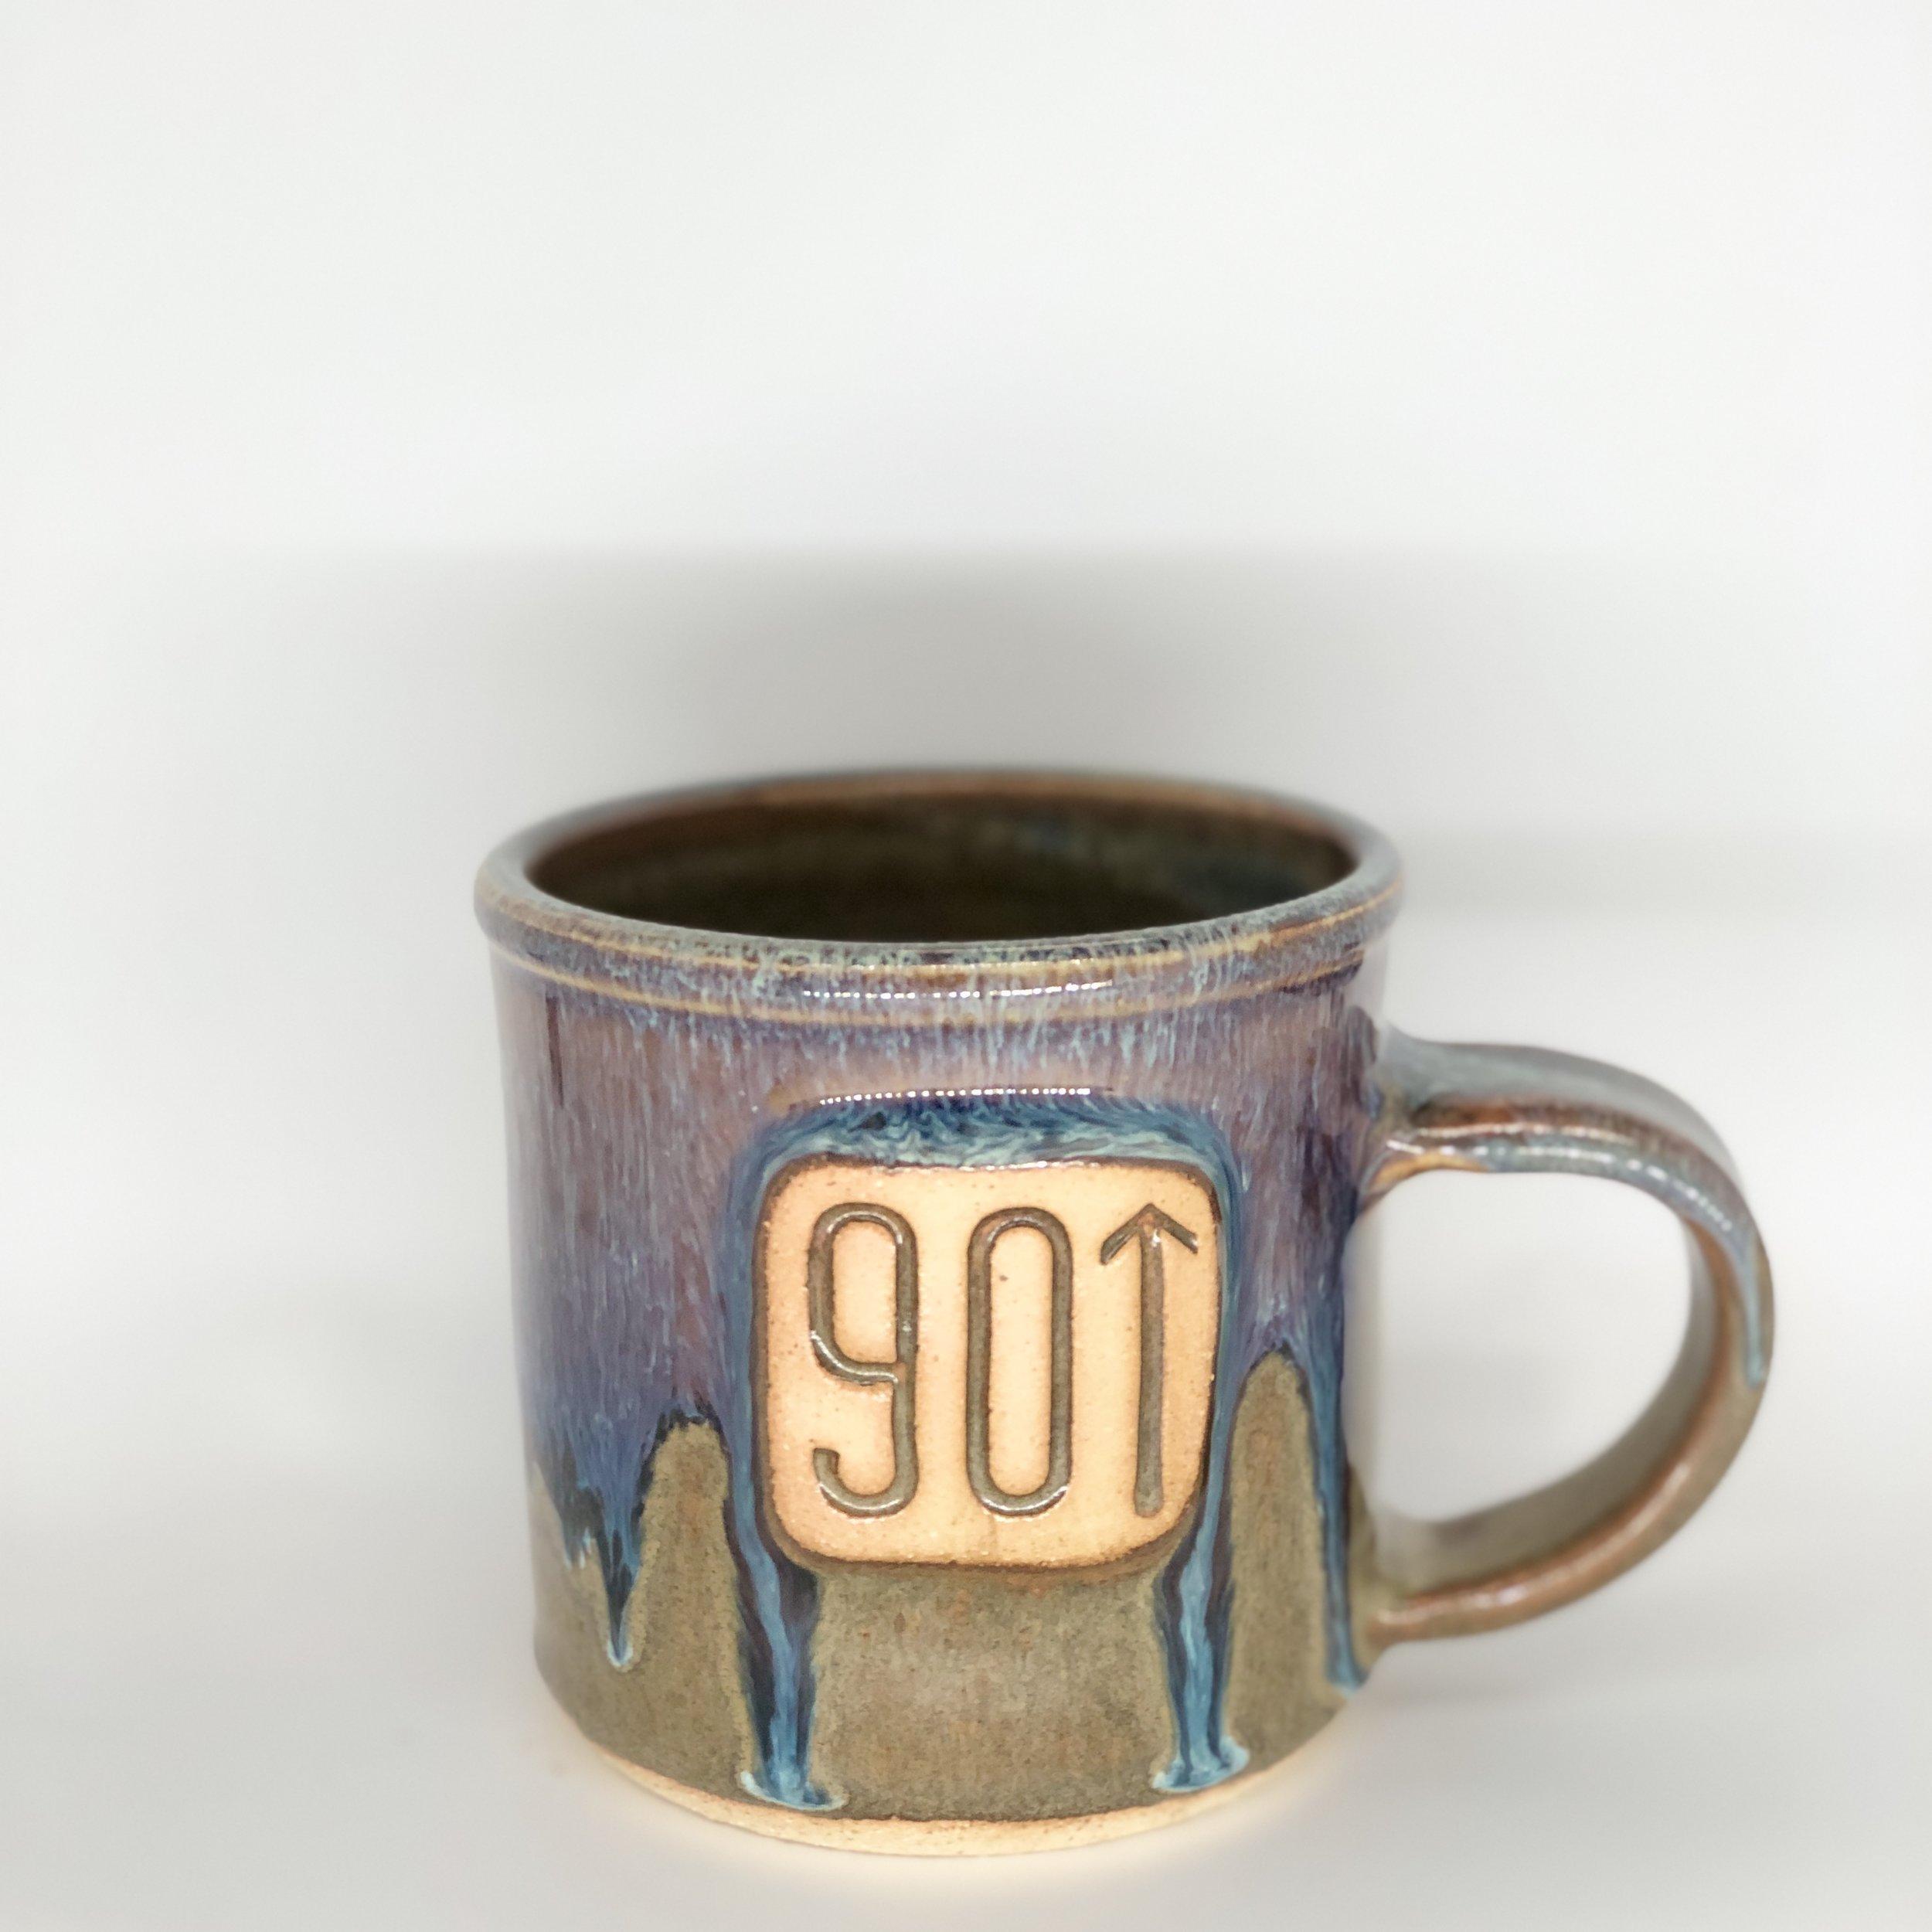 901 with Up Arrow Mug, Short Mug, Blue / Green Color